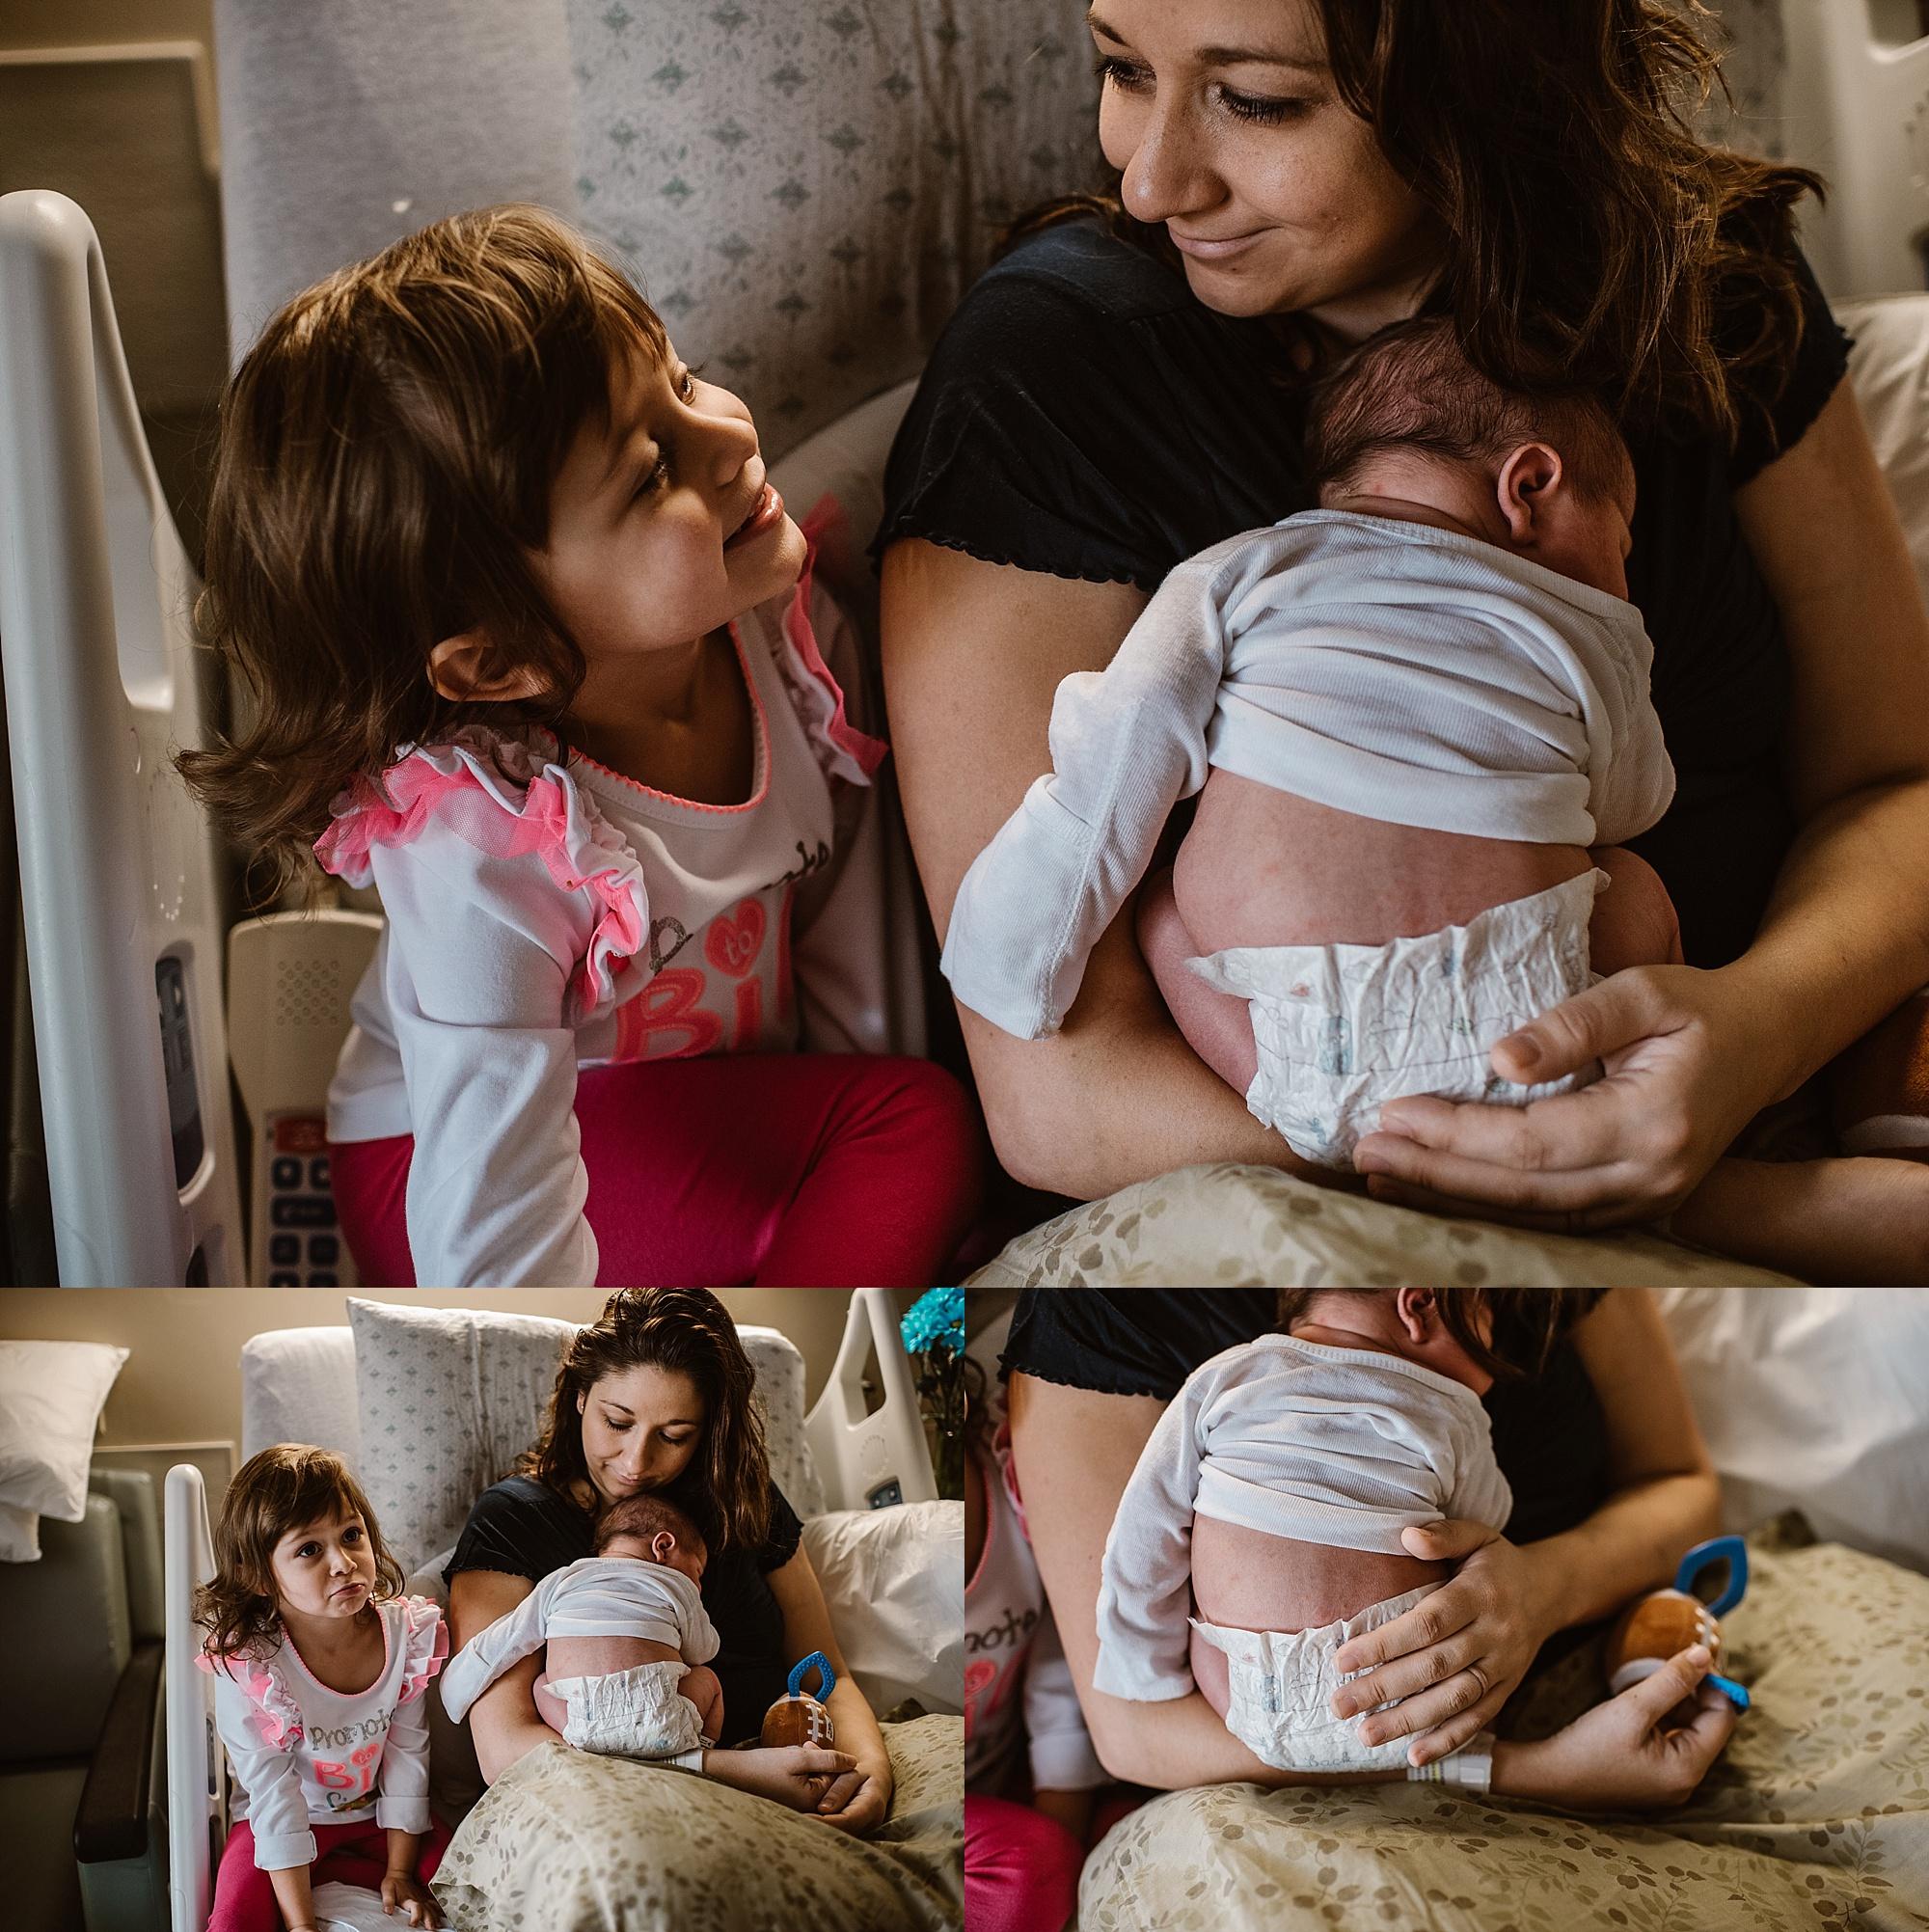 Dudones-family-cleveland-photographer-lauren-grayson-fresh-48-session_0002.jpg